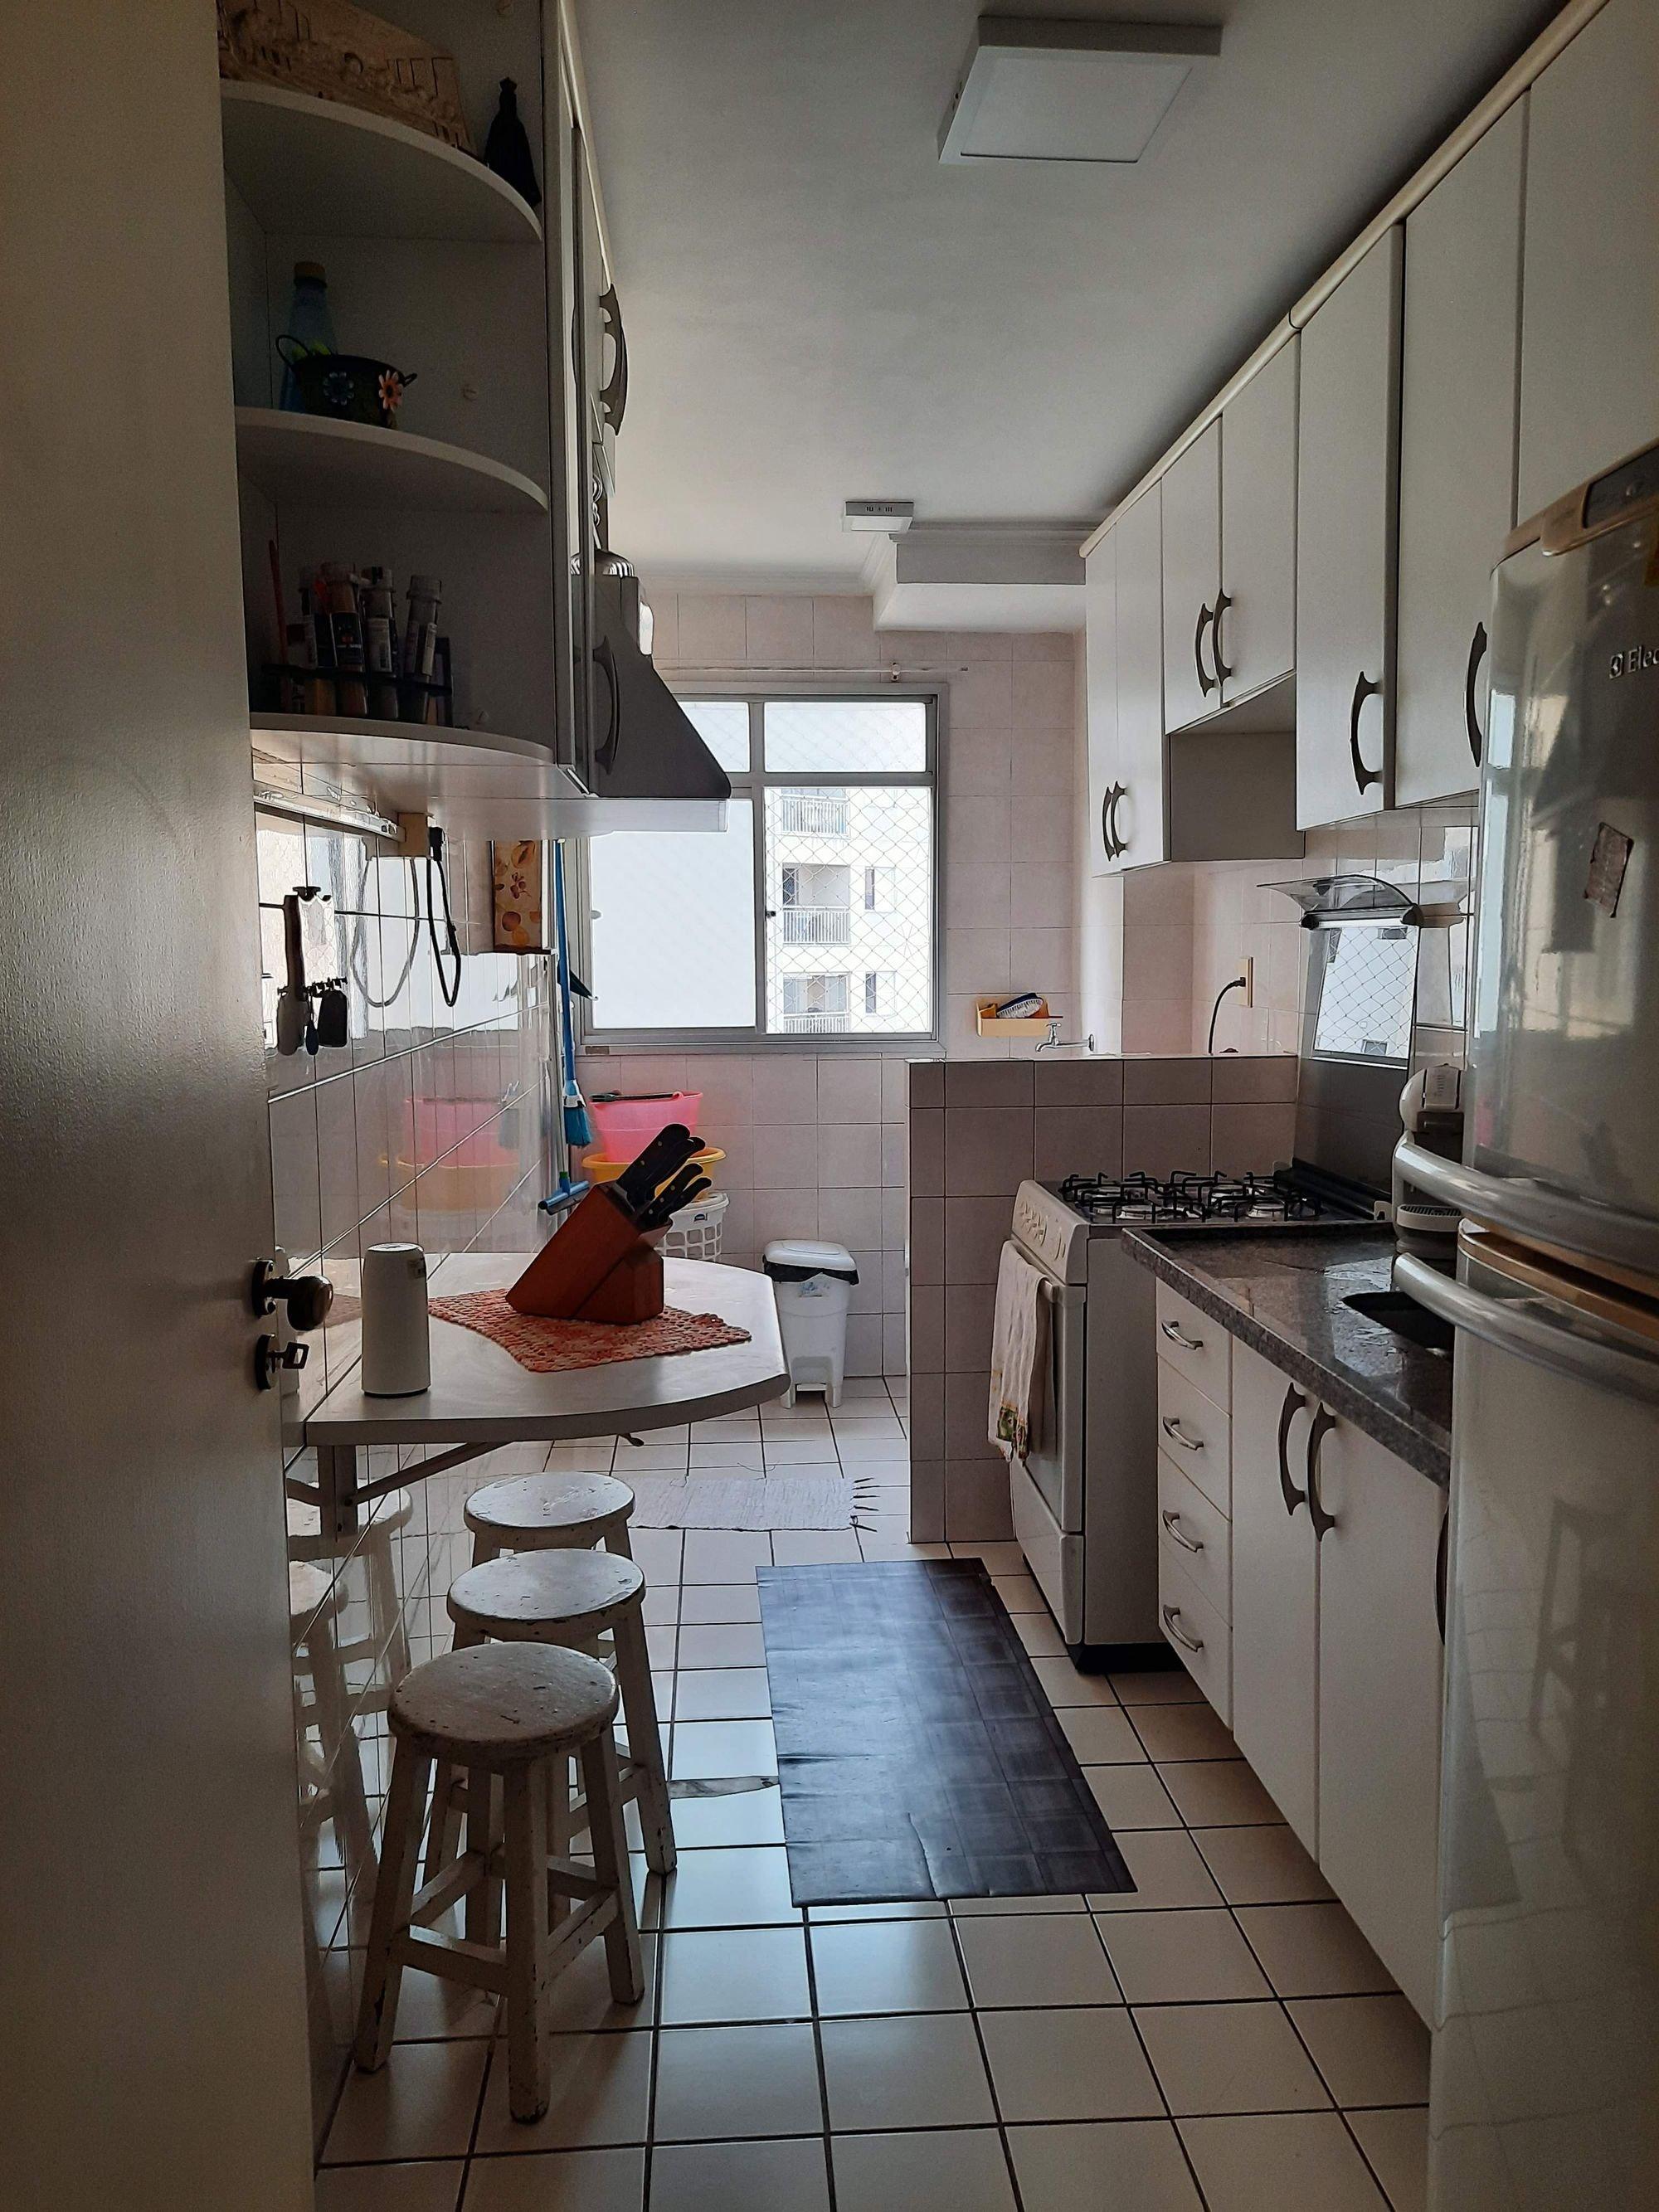 Foto de Cozinha com garrafa, forno, geladeira, cadeira, pia